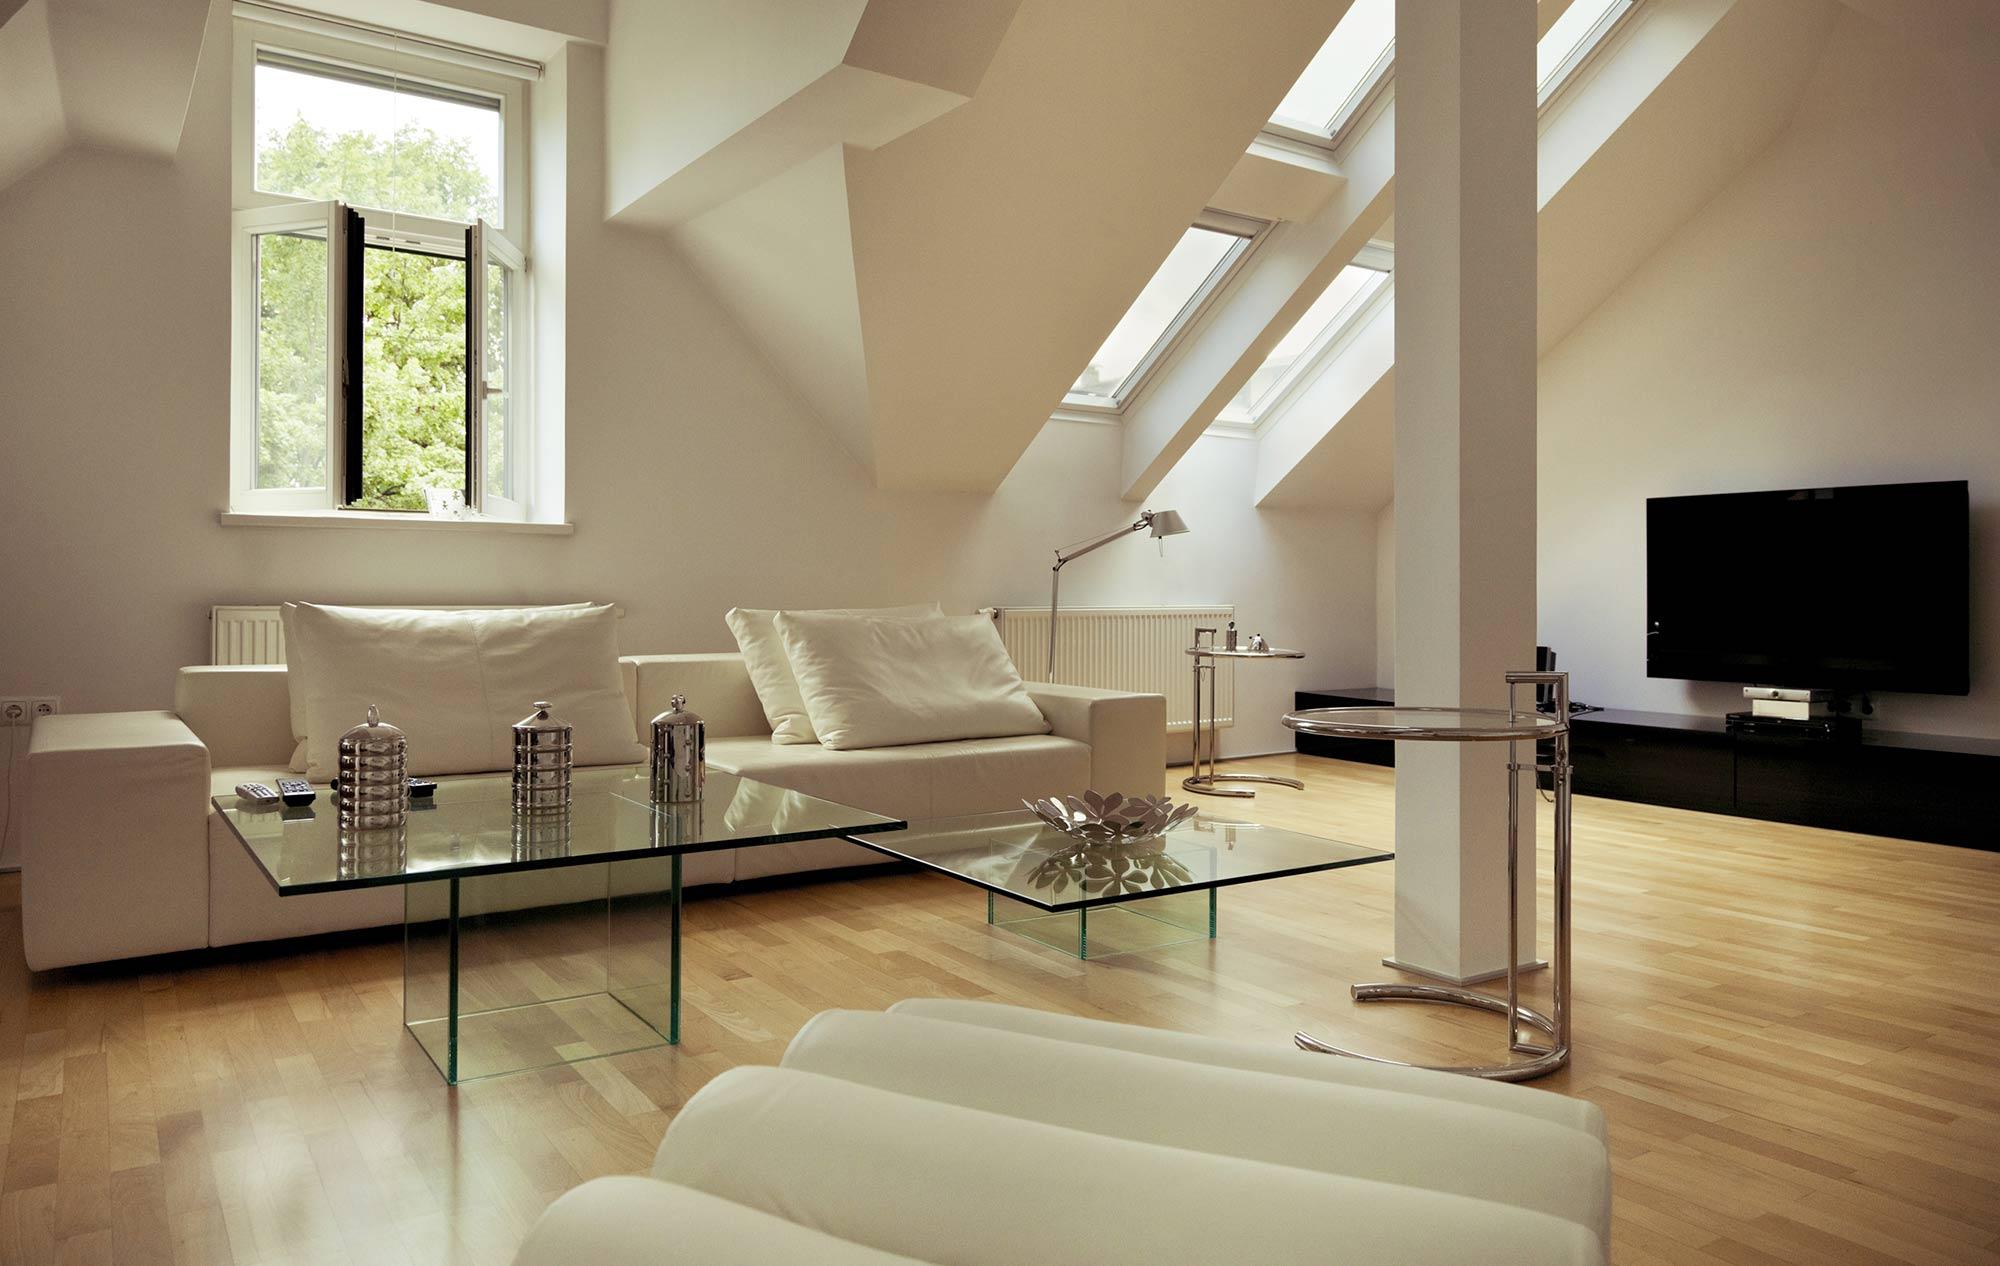 5 idee per recuperare spazio in casa - Piccola palestra in casa ...